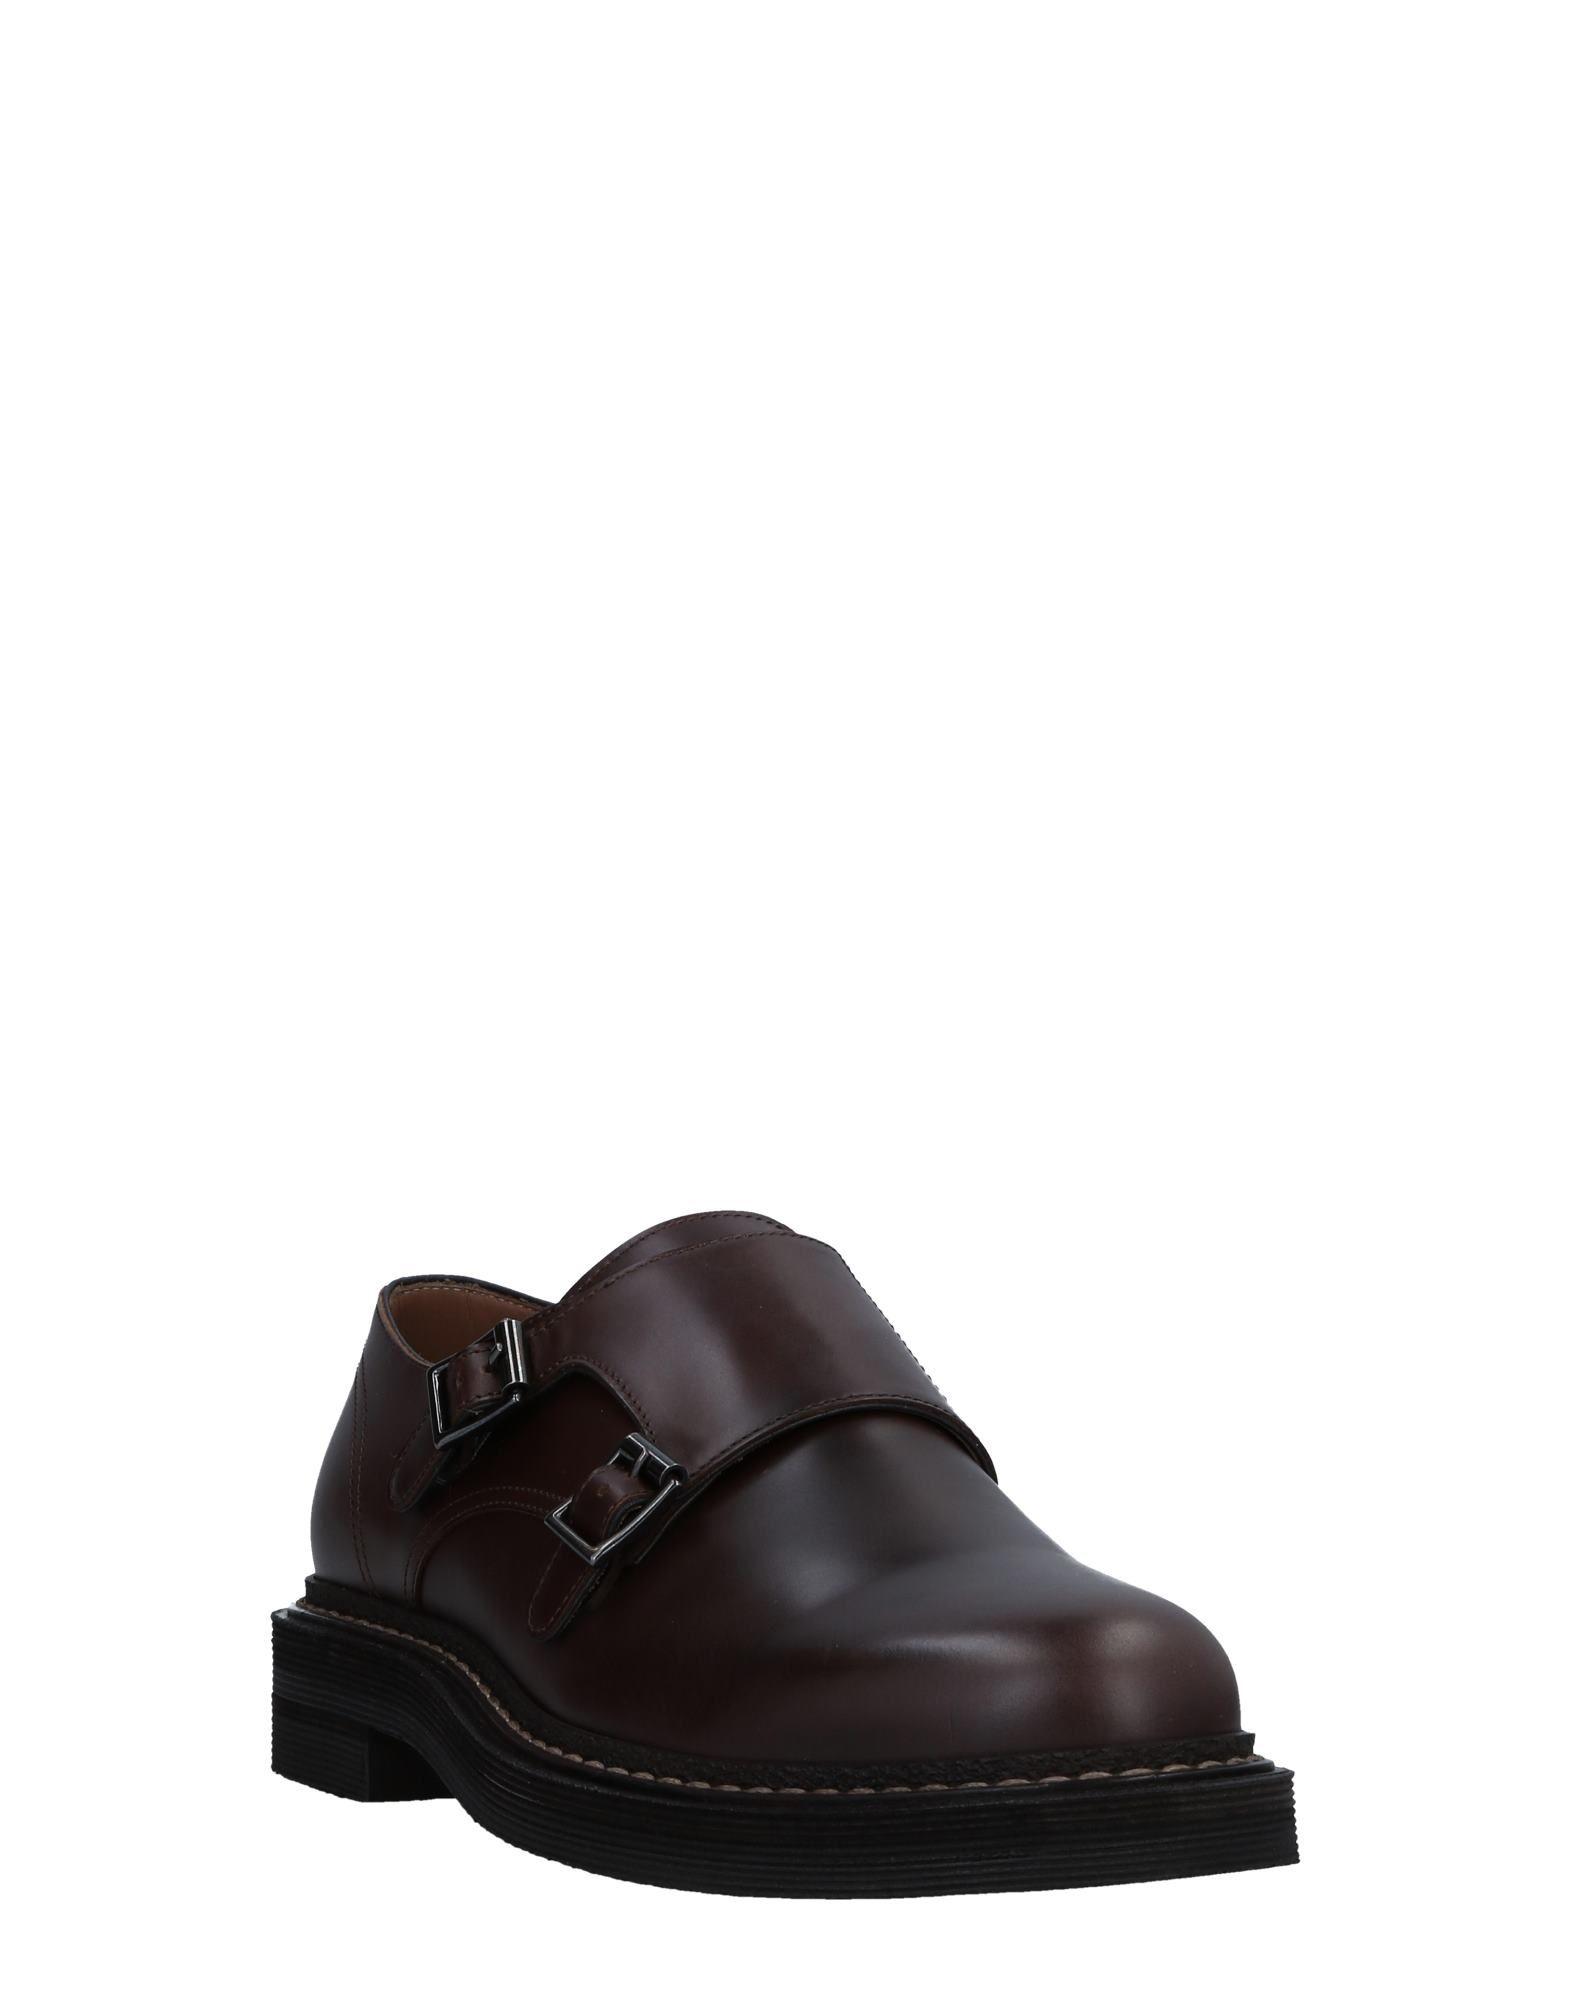 Brunello Cucinelli Mokassins Herren  11516194NE Gute Qualität beliebte Schuhe